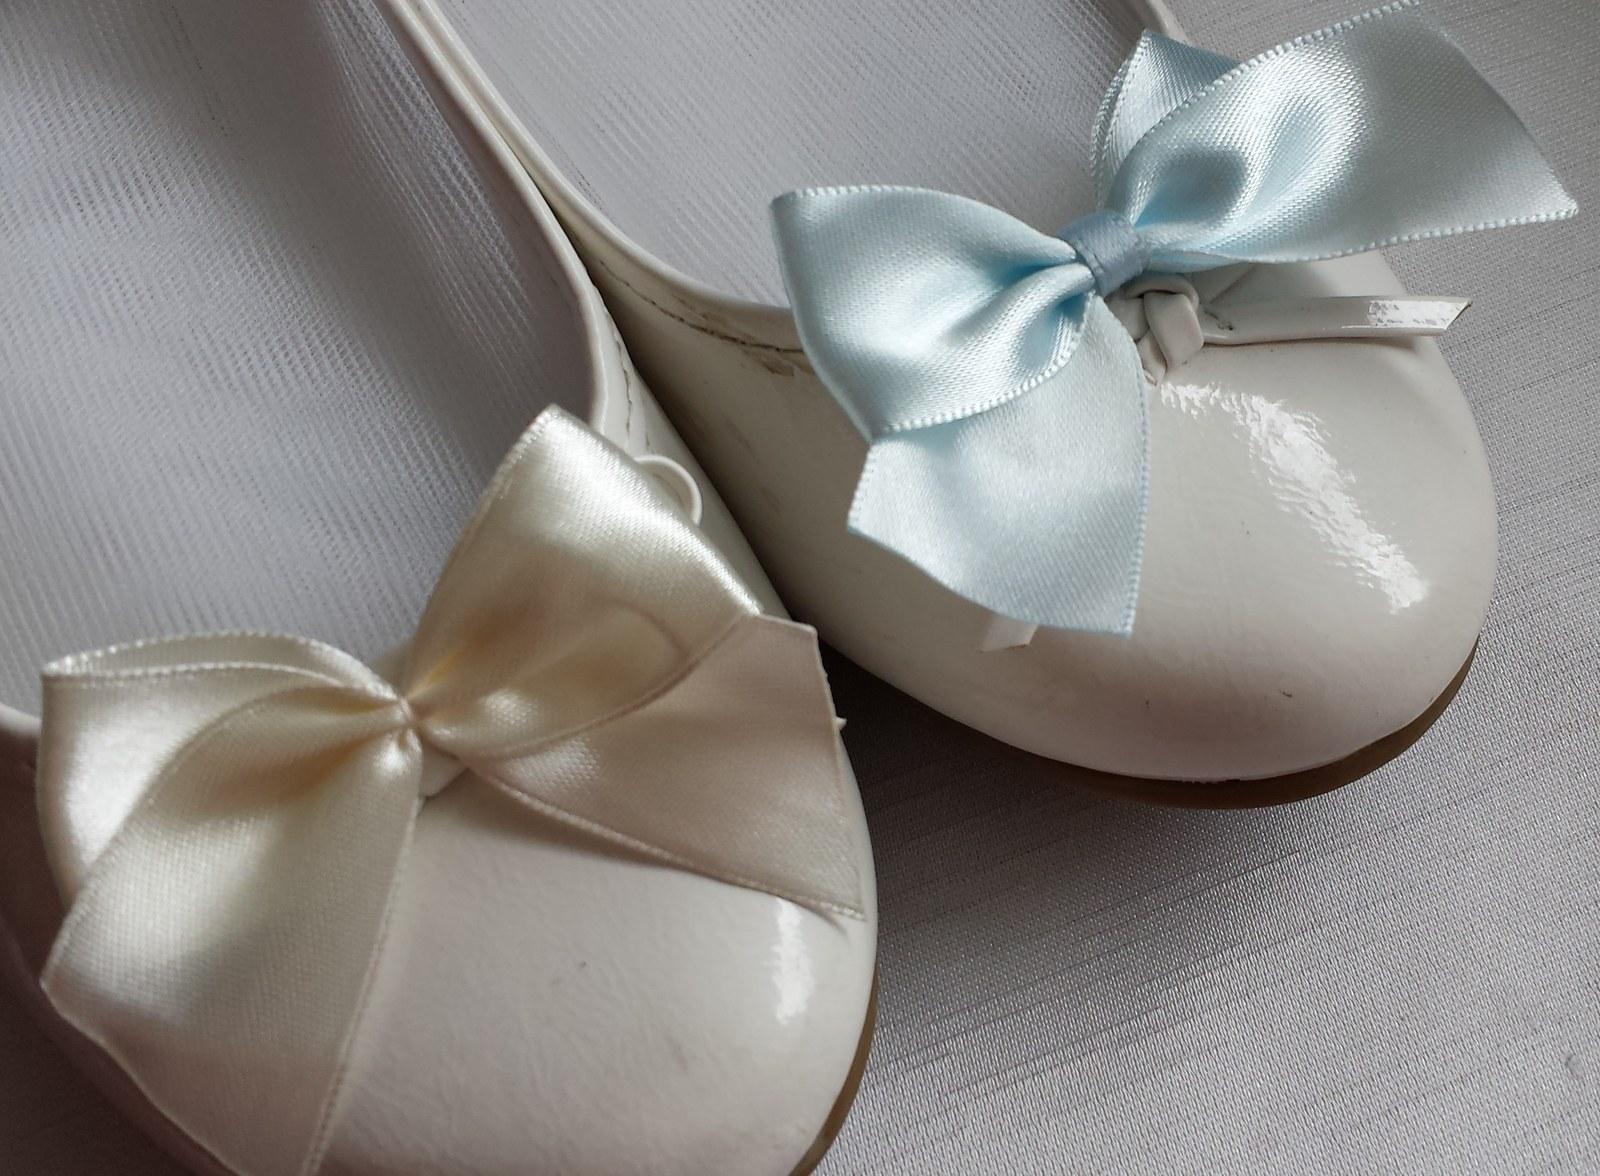 Klipy na boty pro nevěstu s fialovou mašličkou - Obrázek č. 2